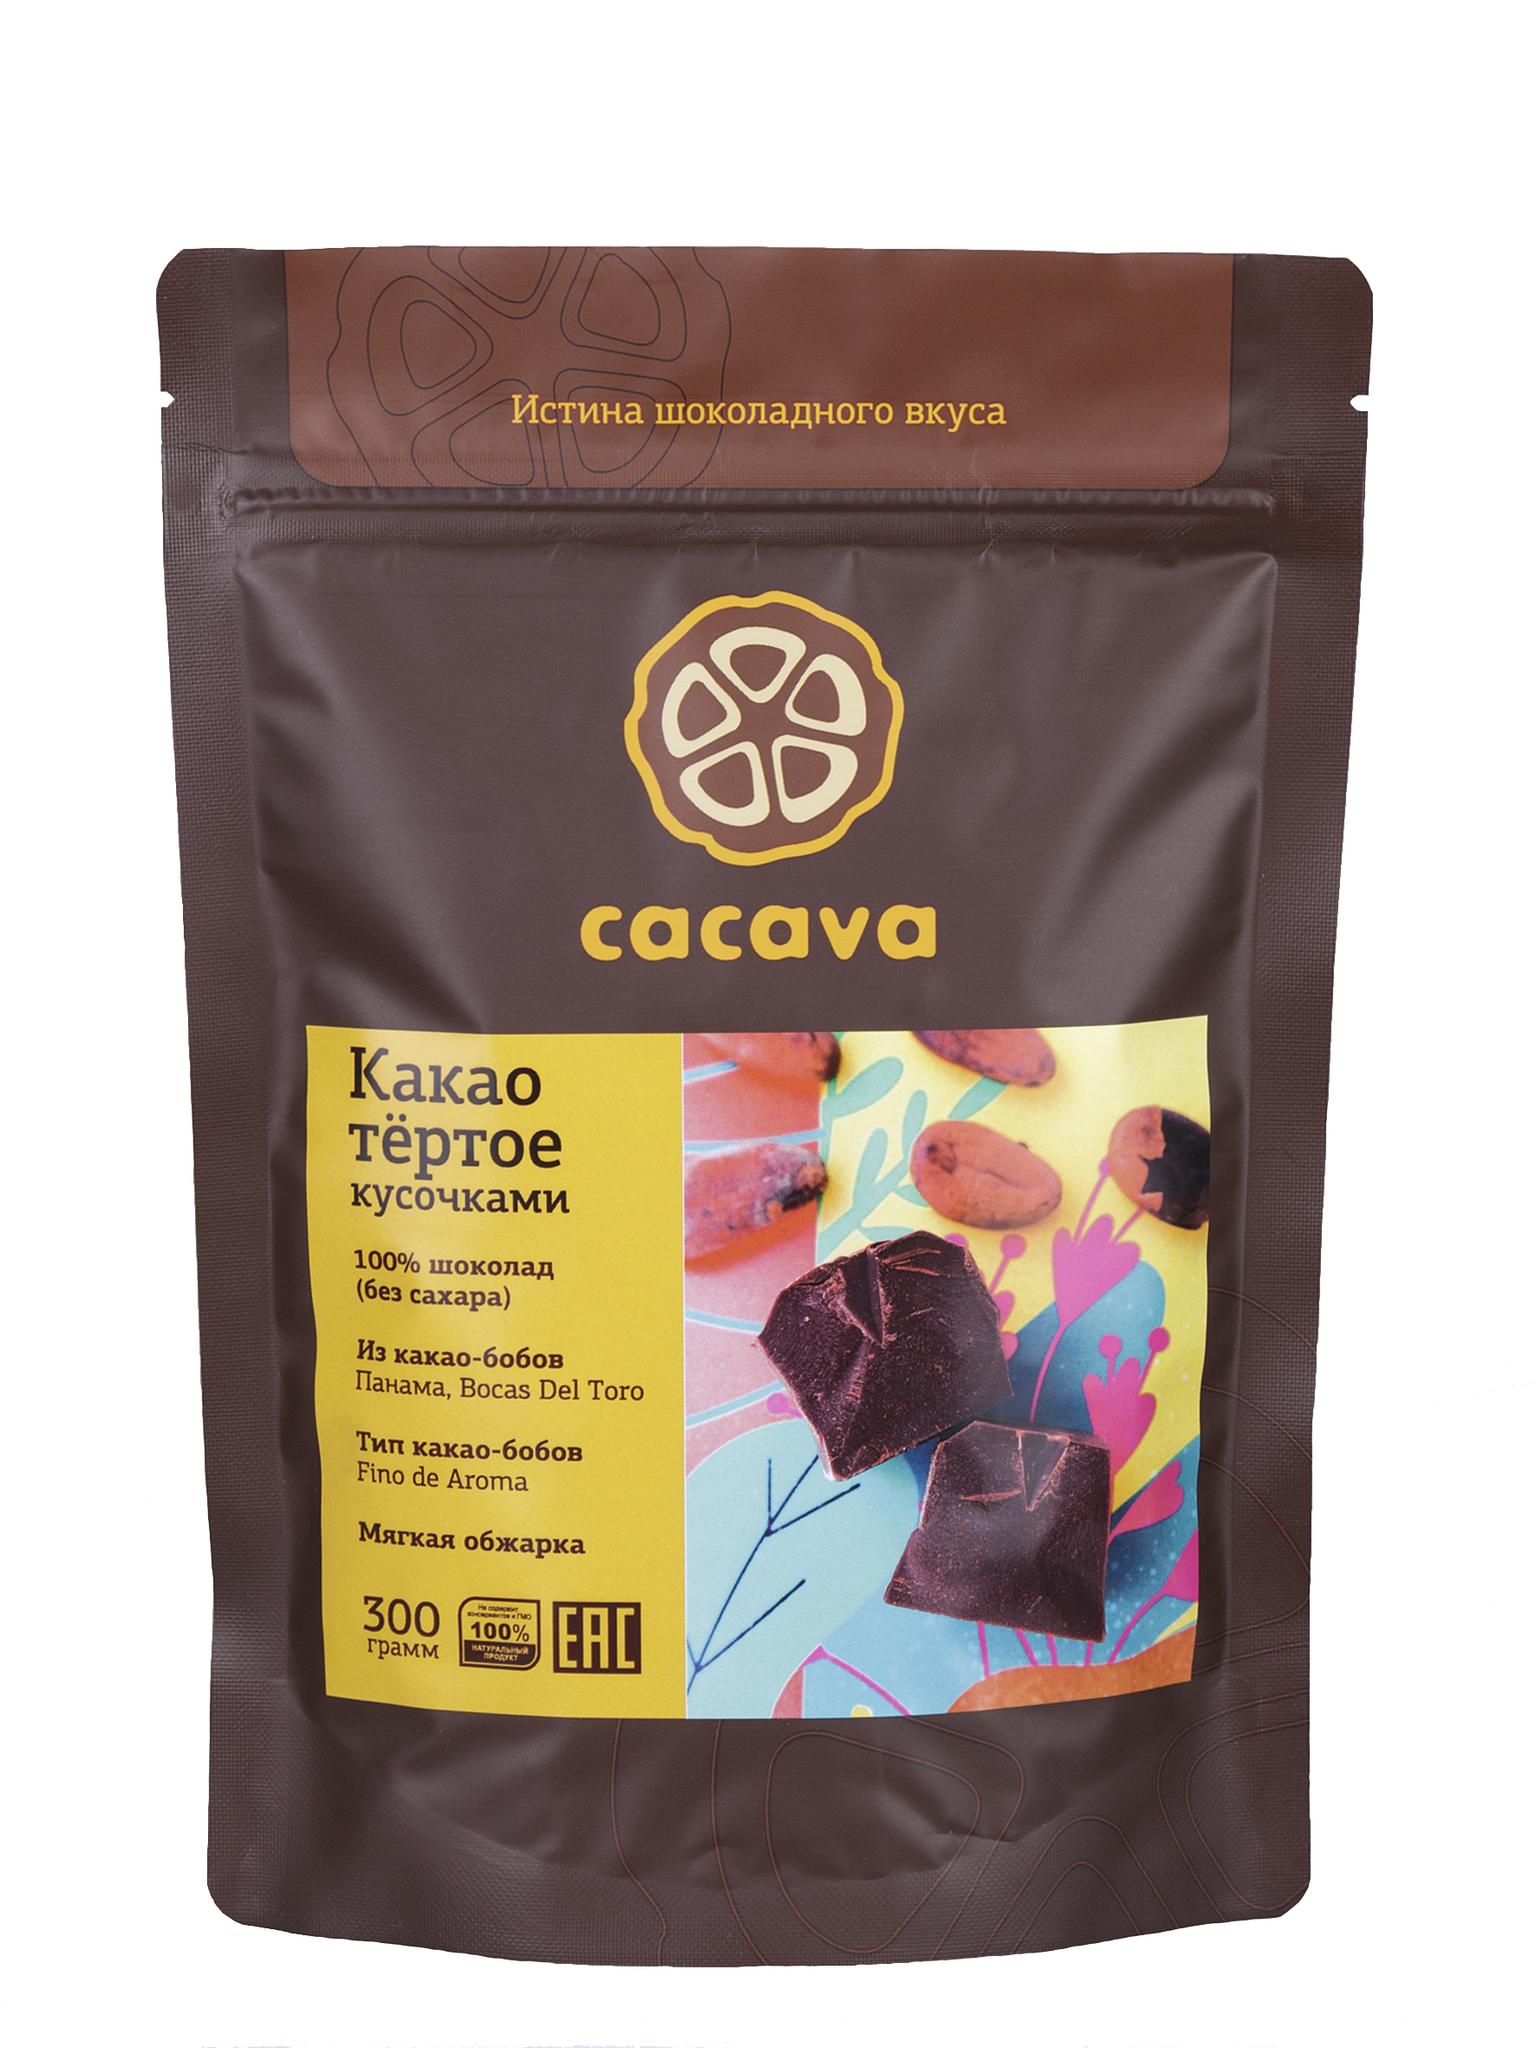 Какао тёртое кусочками (Панама), упаковка 300 грамм